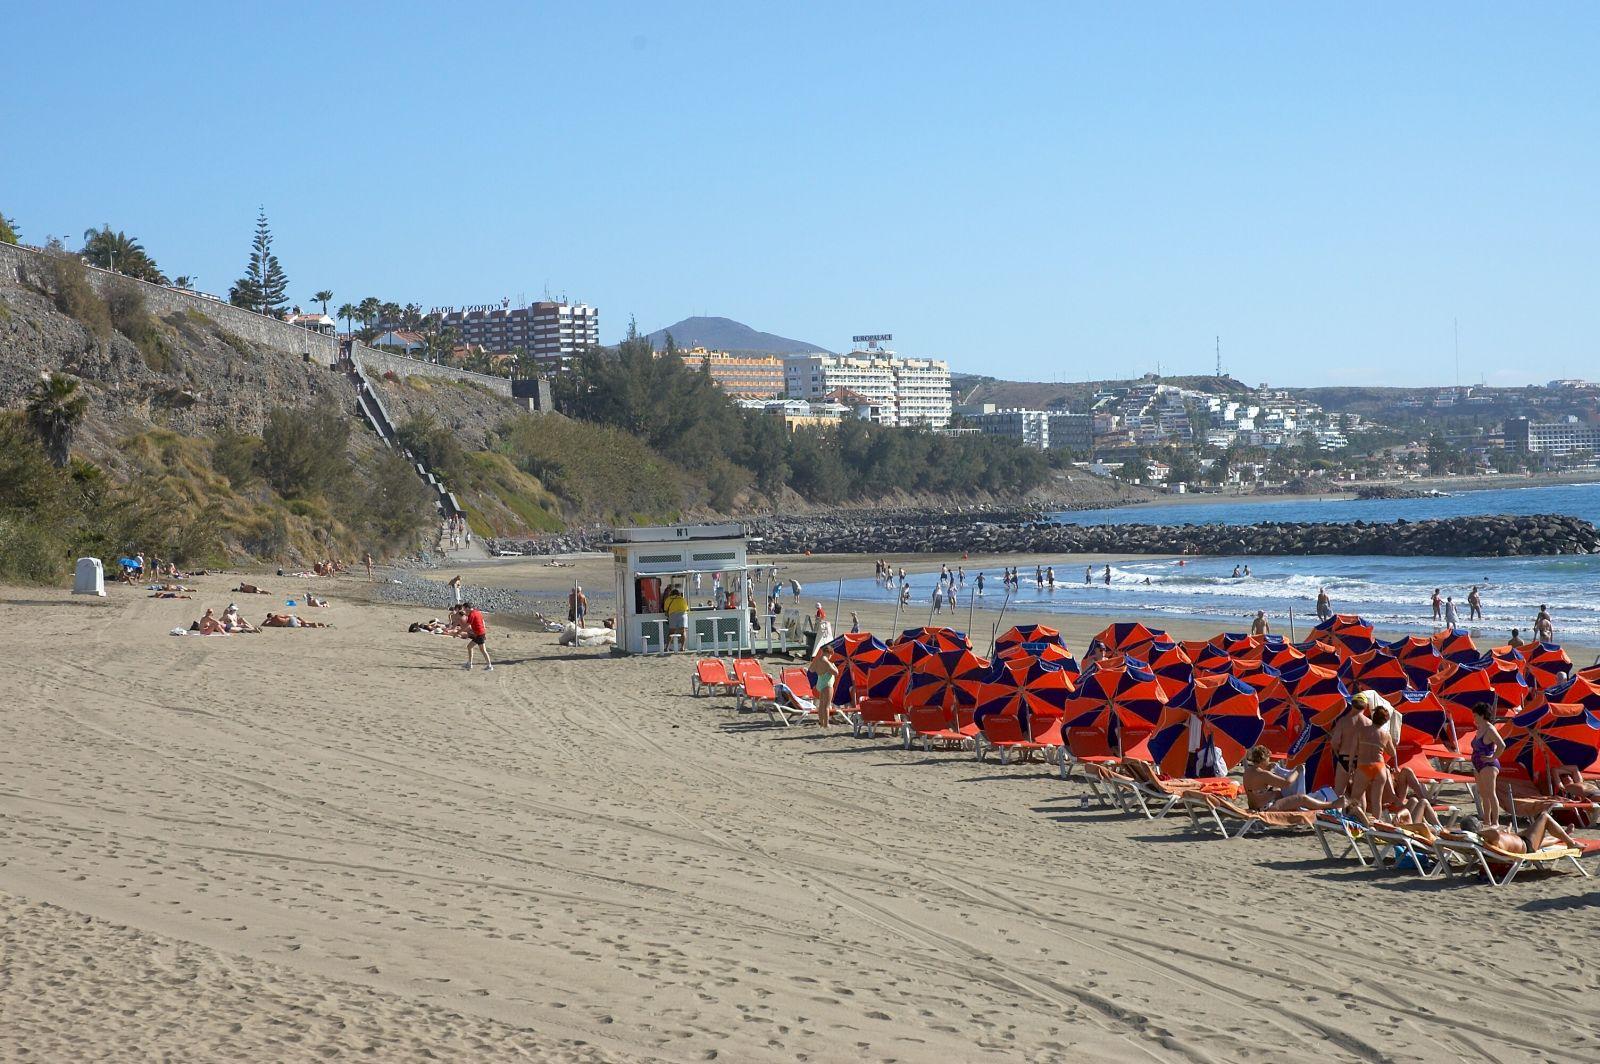 vakantiepark sol barbacan, playa del ingles, gran canaria